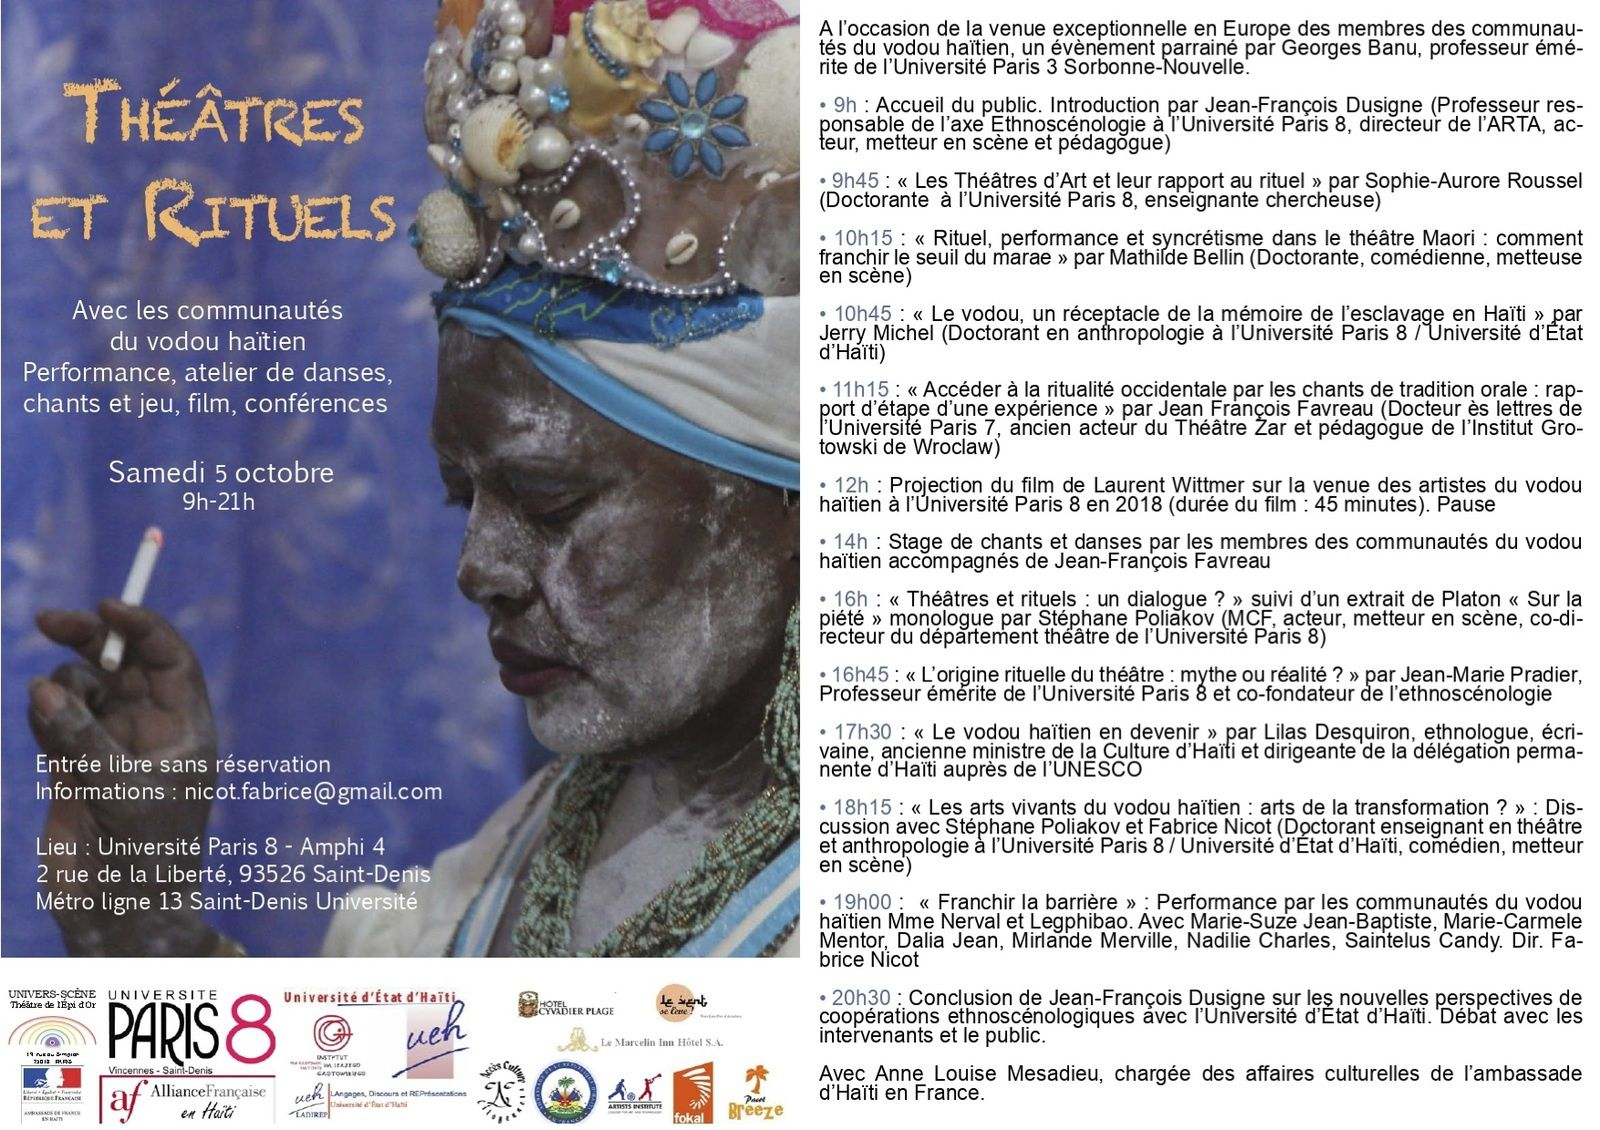 PROGRAMME  de la journée d'études démonstrations  organisée à l'université Paris 8  samedi 5 octobre  Amphi IV  09h-21h     à l'occasion de la venue exceptionnelle en Europe des membres des communautés du Vaudou haïtien. Métro ligne 13 terminus nord (St. Denis université)